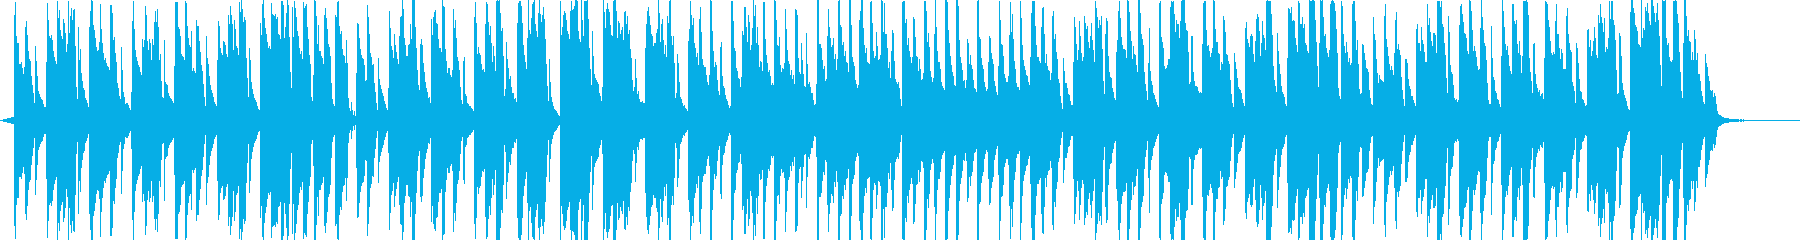 ピコピコ可愛い日常BGMの再生済みの波形